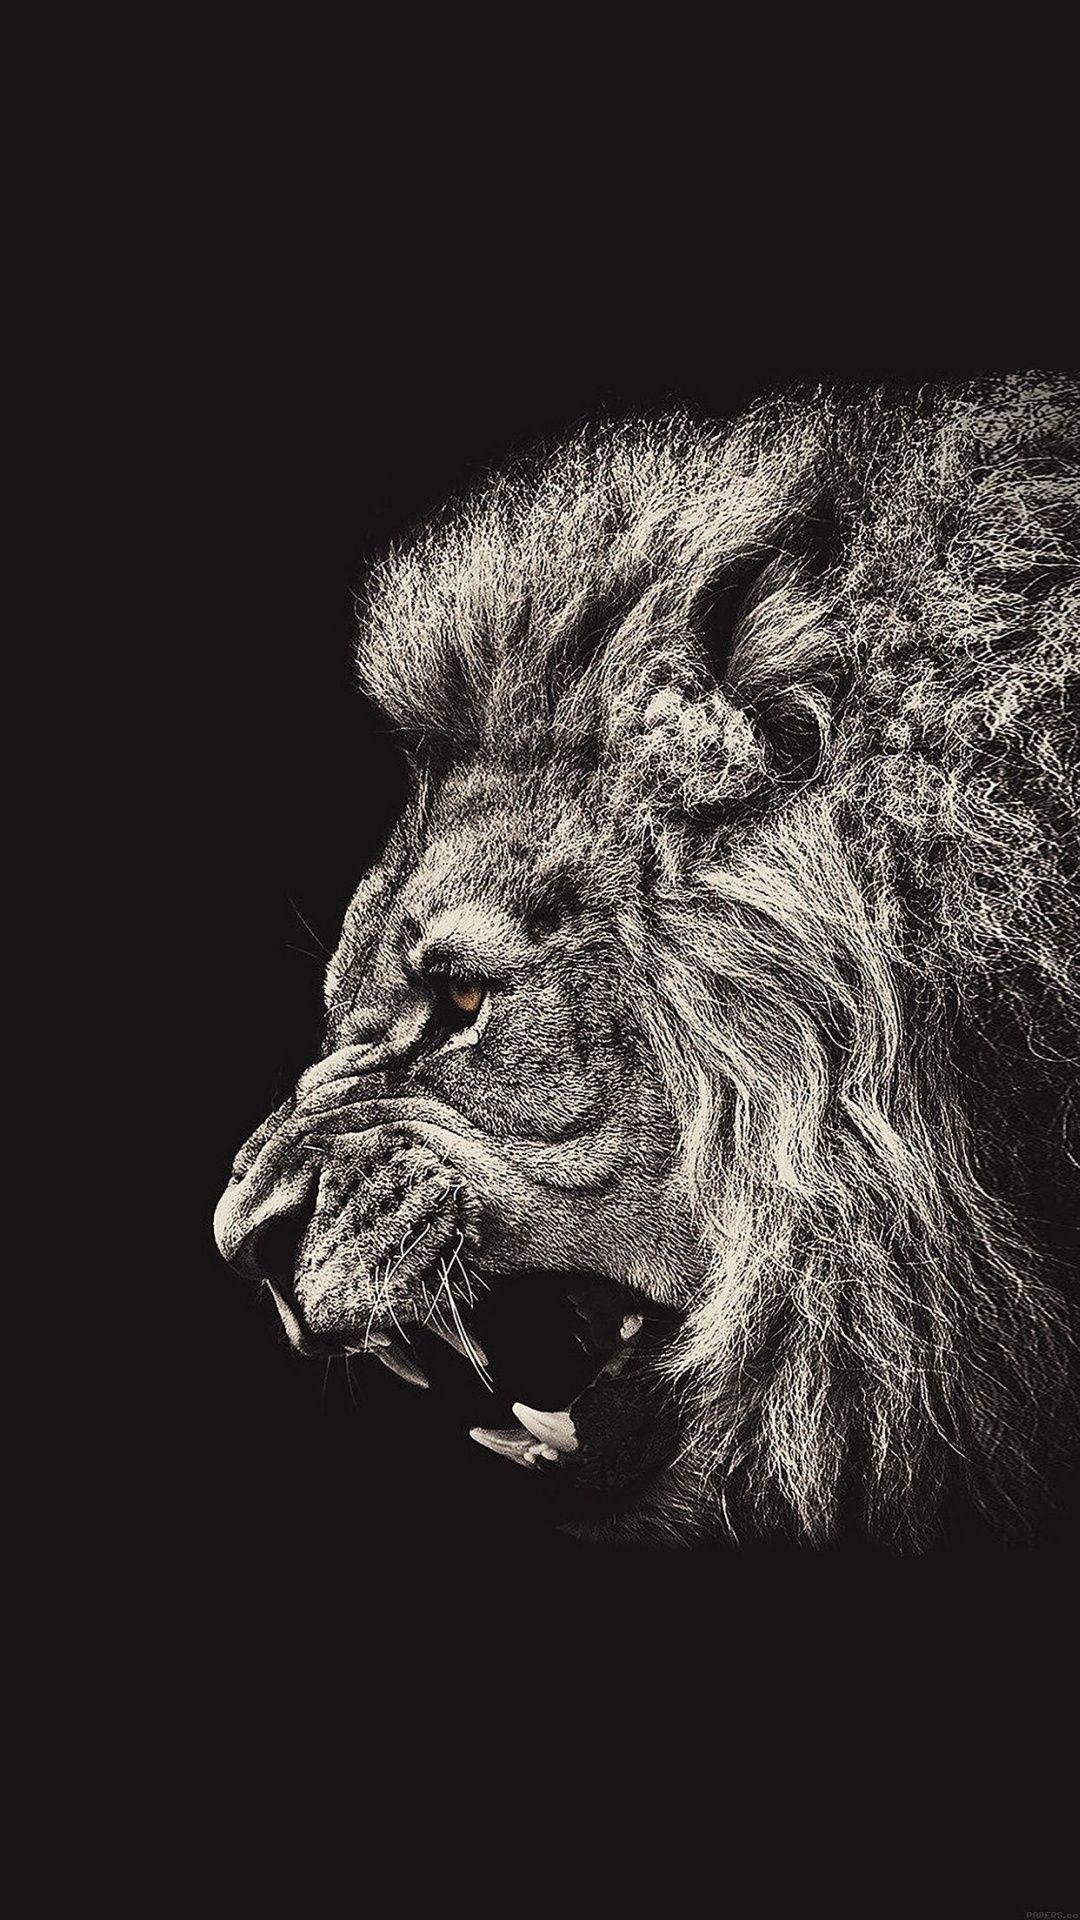 Iphone Wallpaper Animals 320 Fond D Ecran Lion Photographie De Lion Animaux Noir Et Blanc